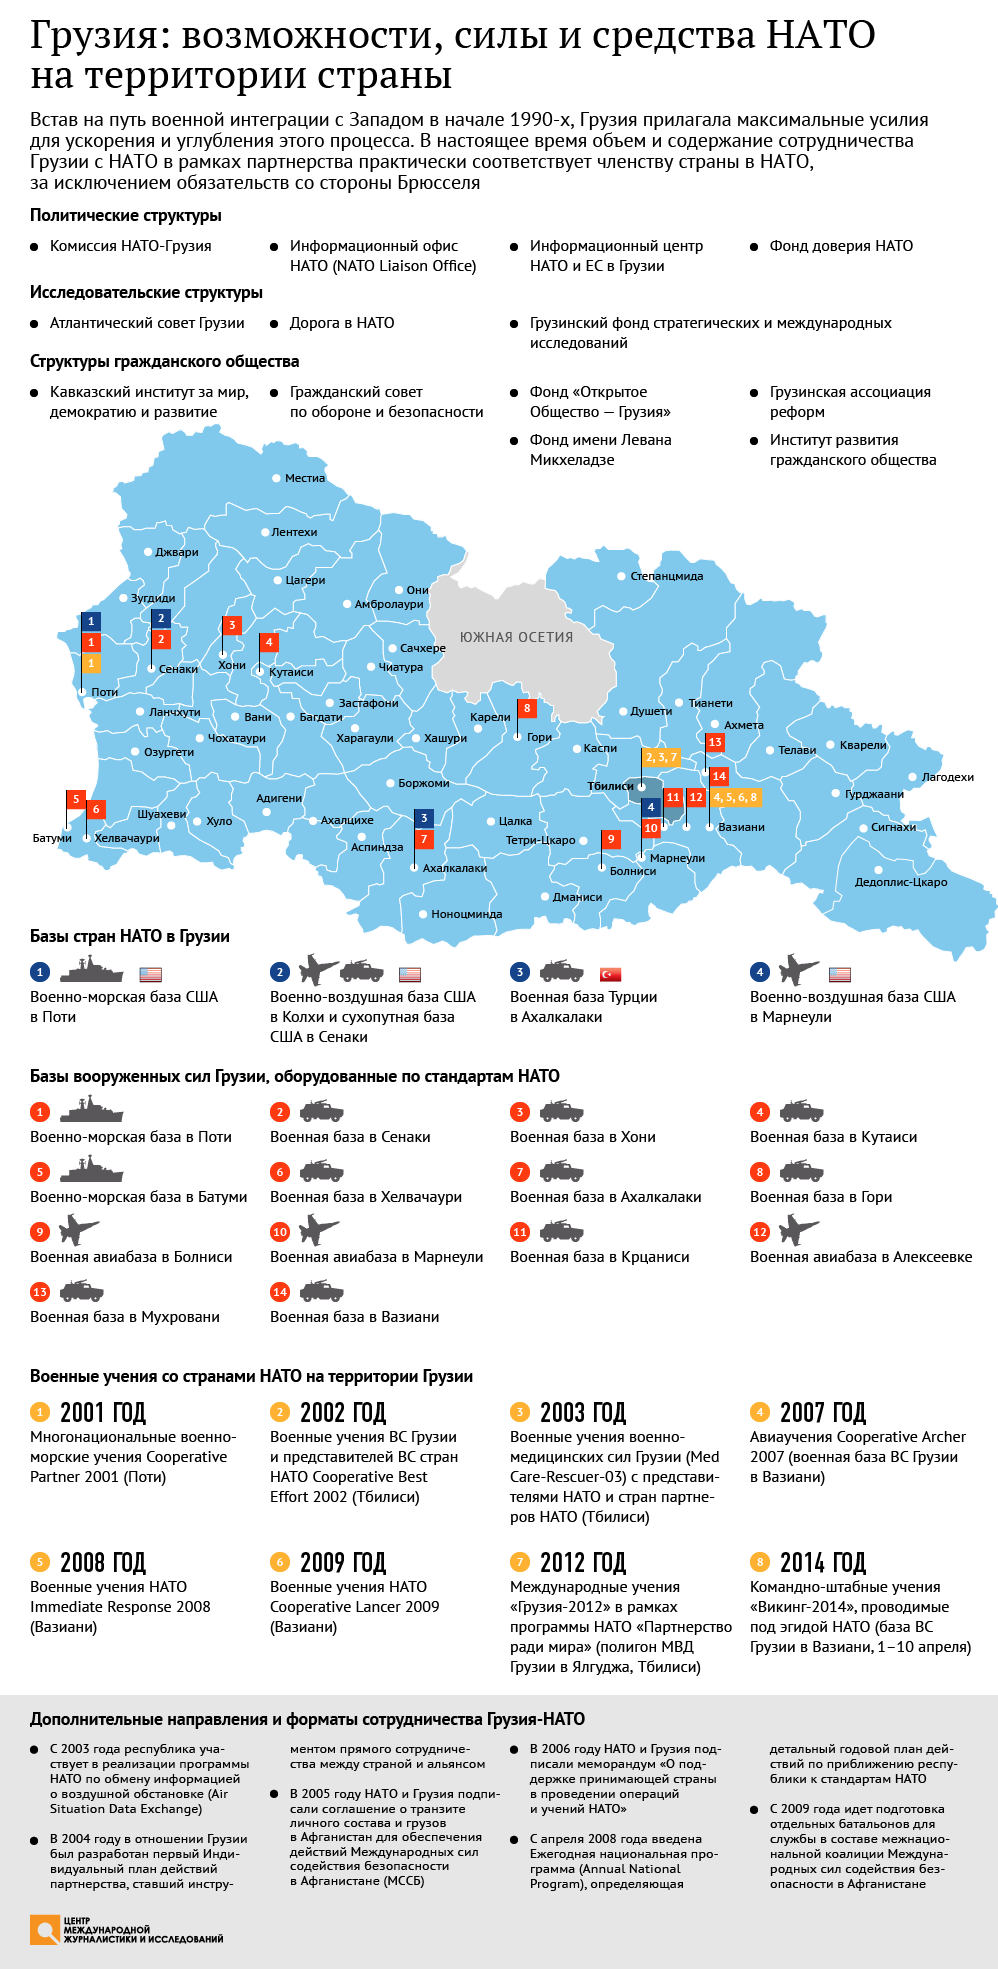 Грузия: возможности, силы и средства НАТО на территории страны